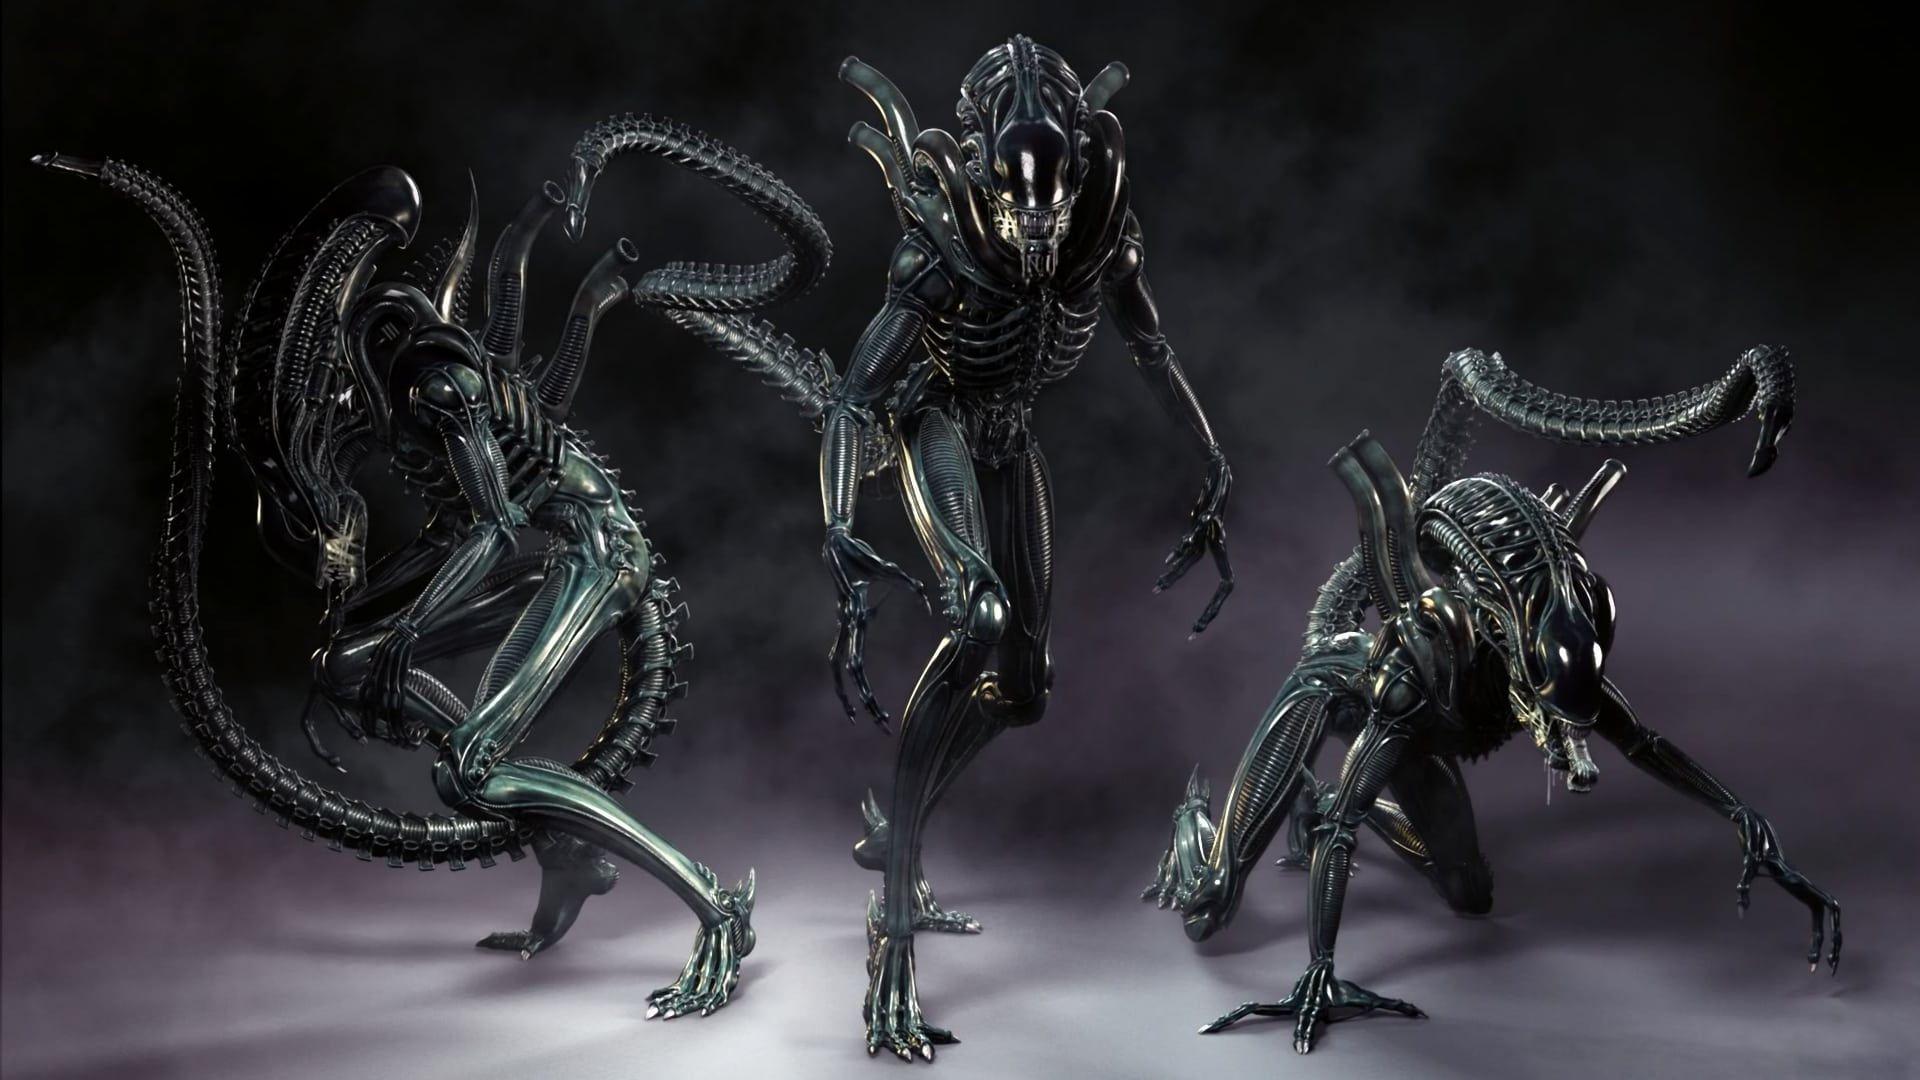 Alien Das Unheimliche Wesen Aus Einer Fremden Welt 1979 Ganzer Film Stream Deutsch Komplett Online Alie Alien Film Aliens Colonial Marines Ausserirdische